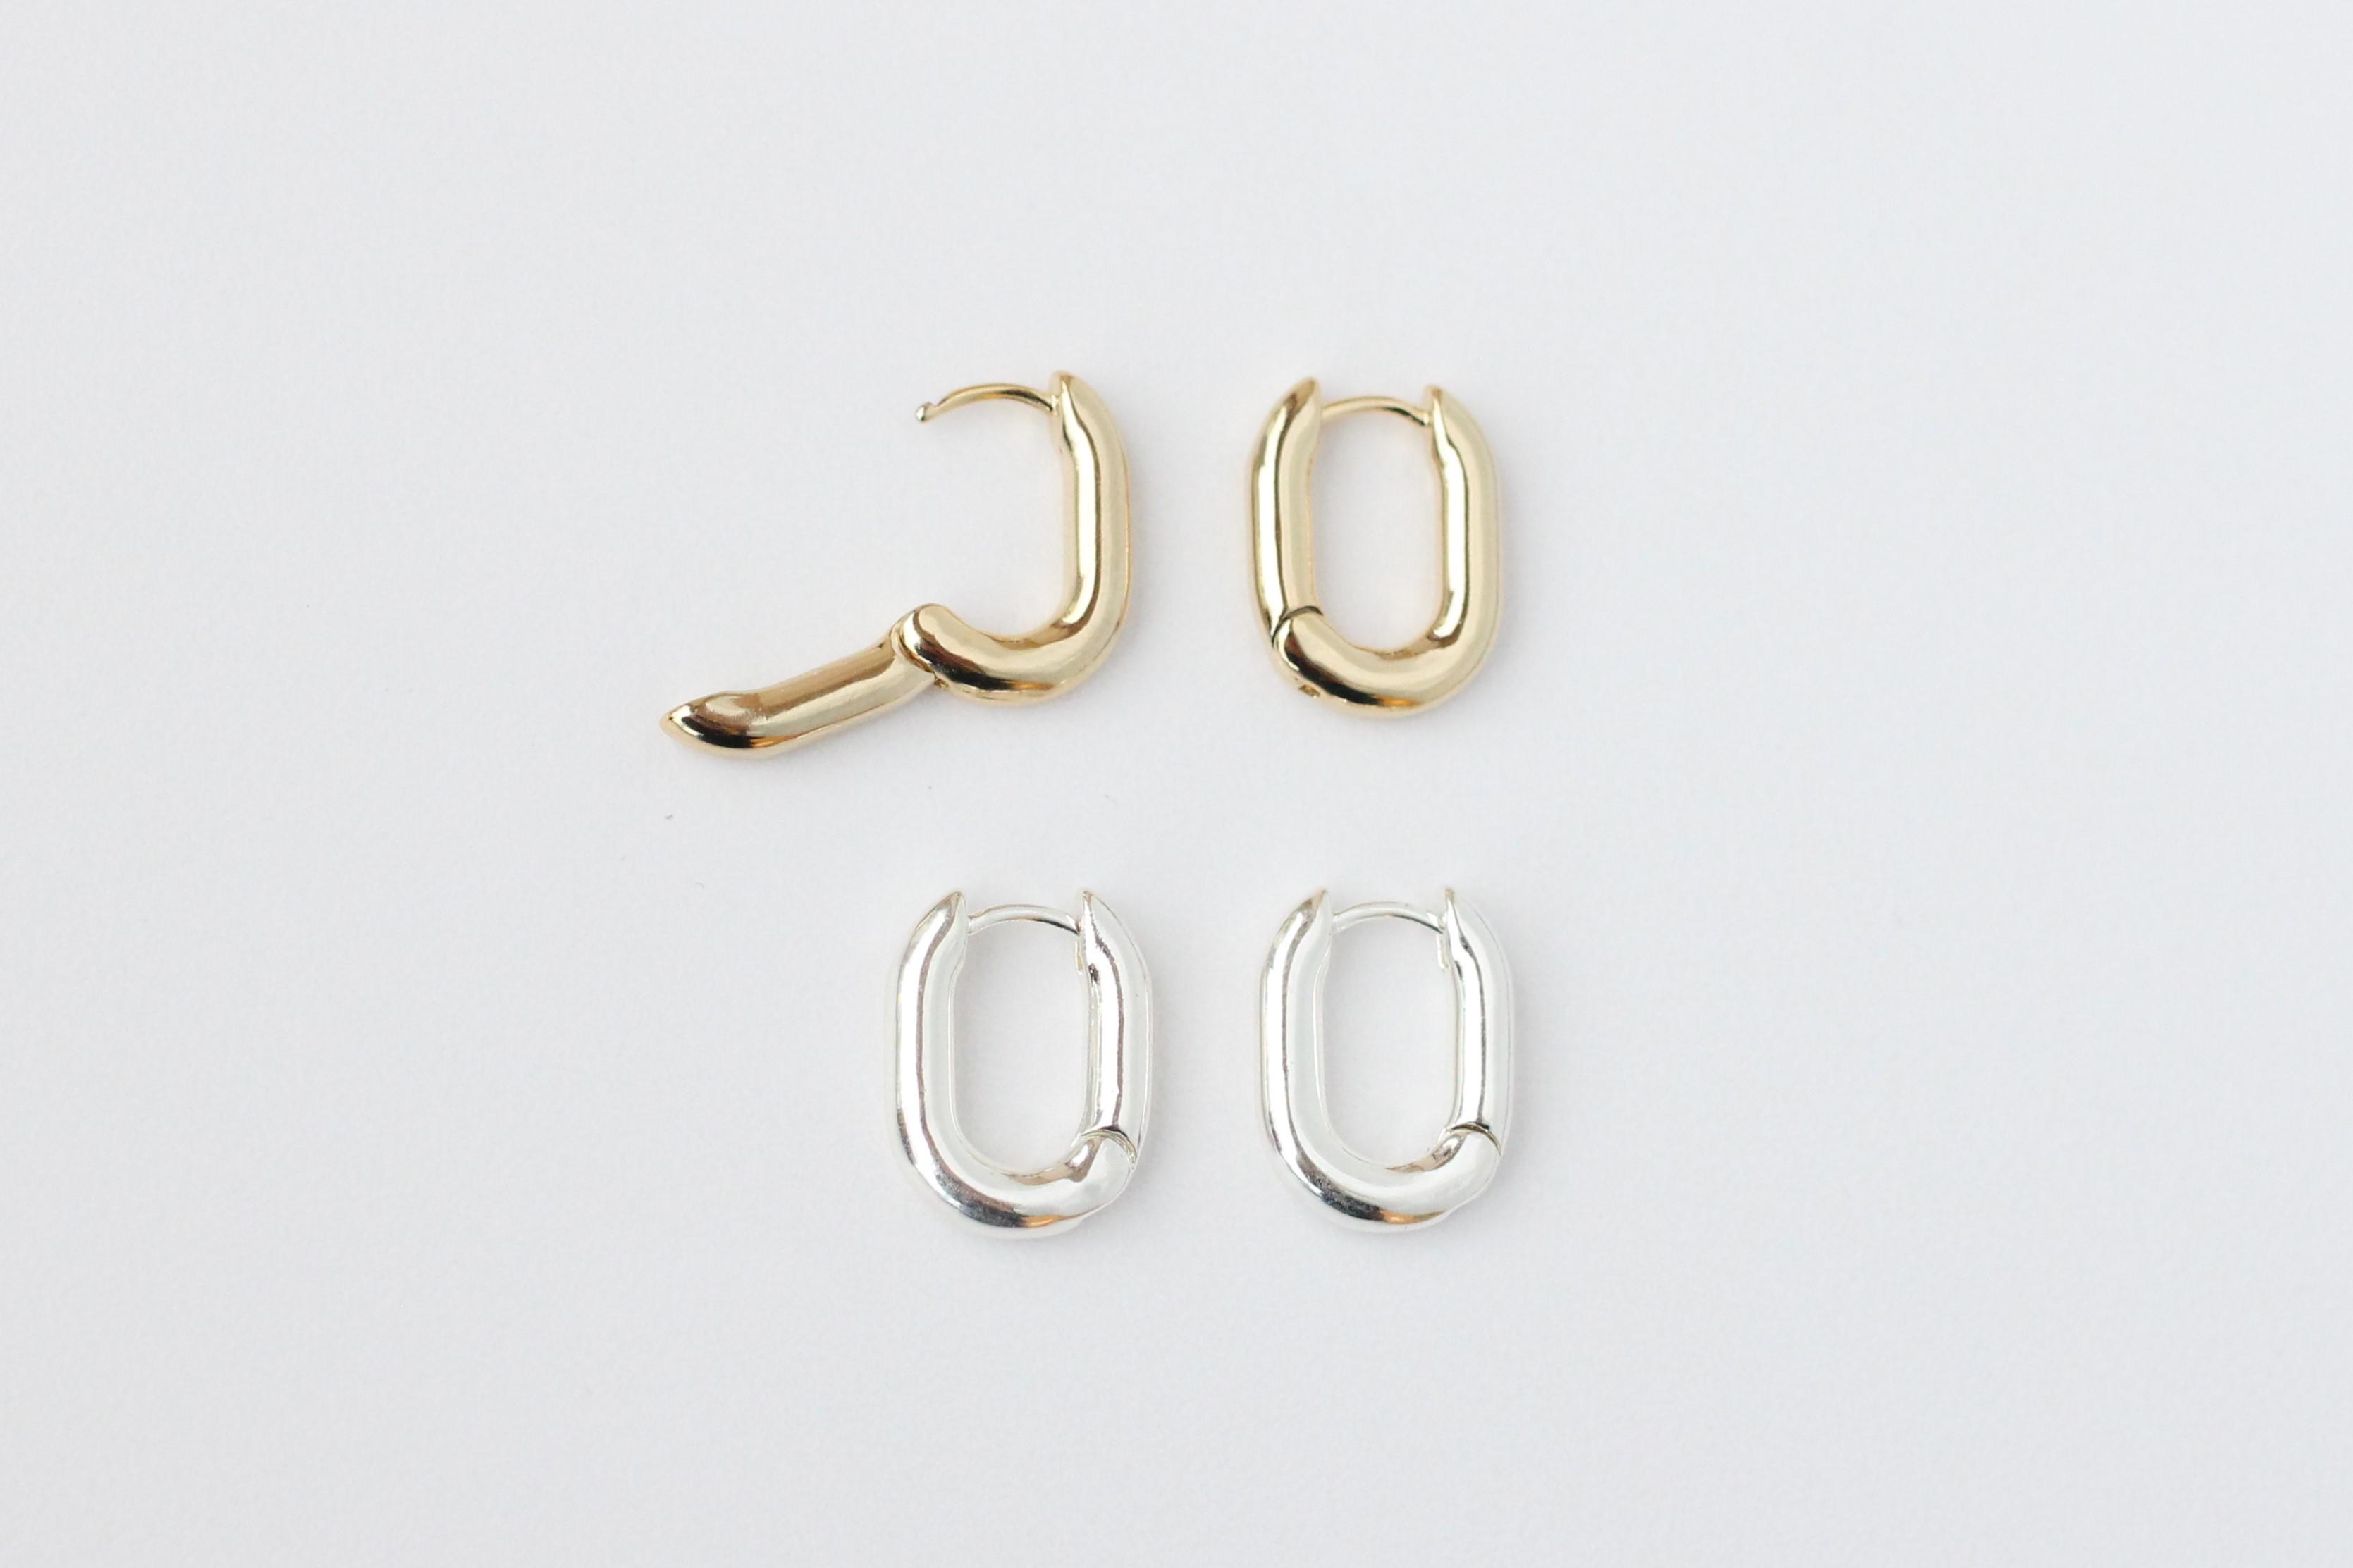 셀린 미니 볼드 링 66F56 - 러블리루, 15,000원, 골드, 링귀걸이